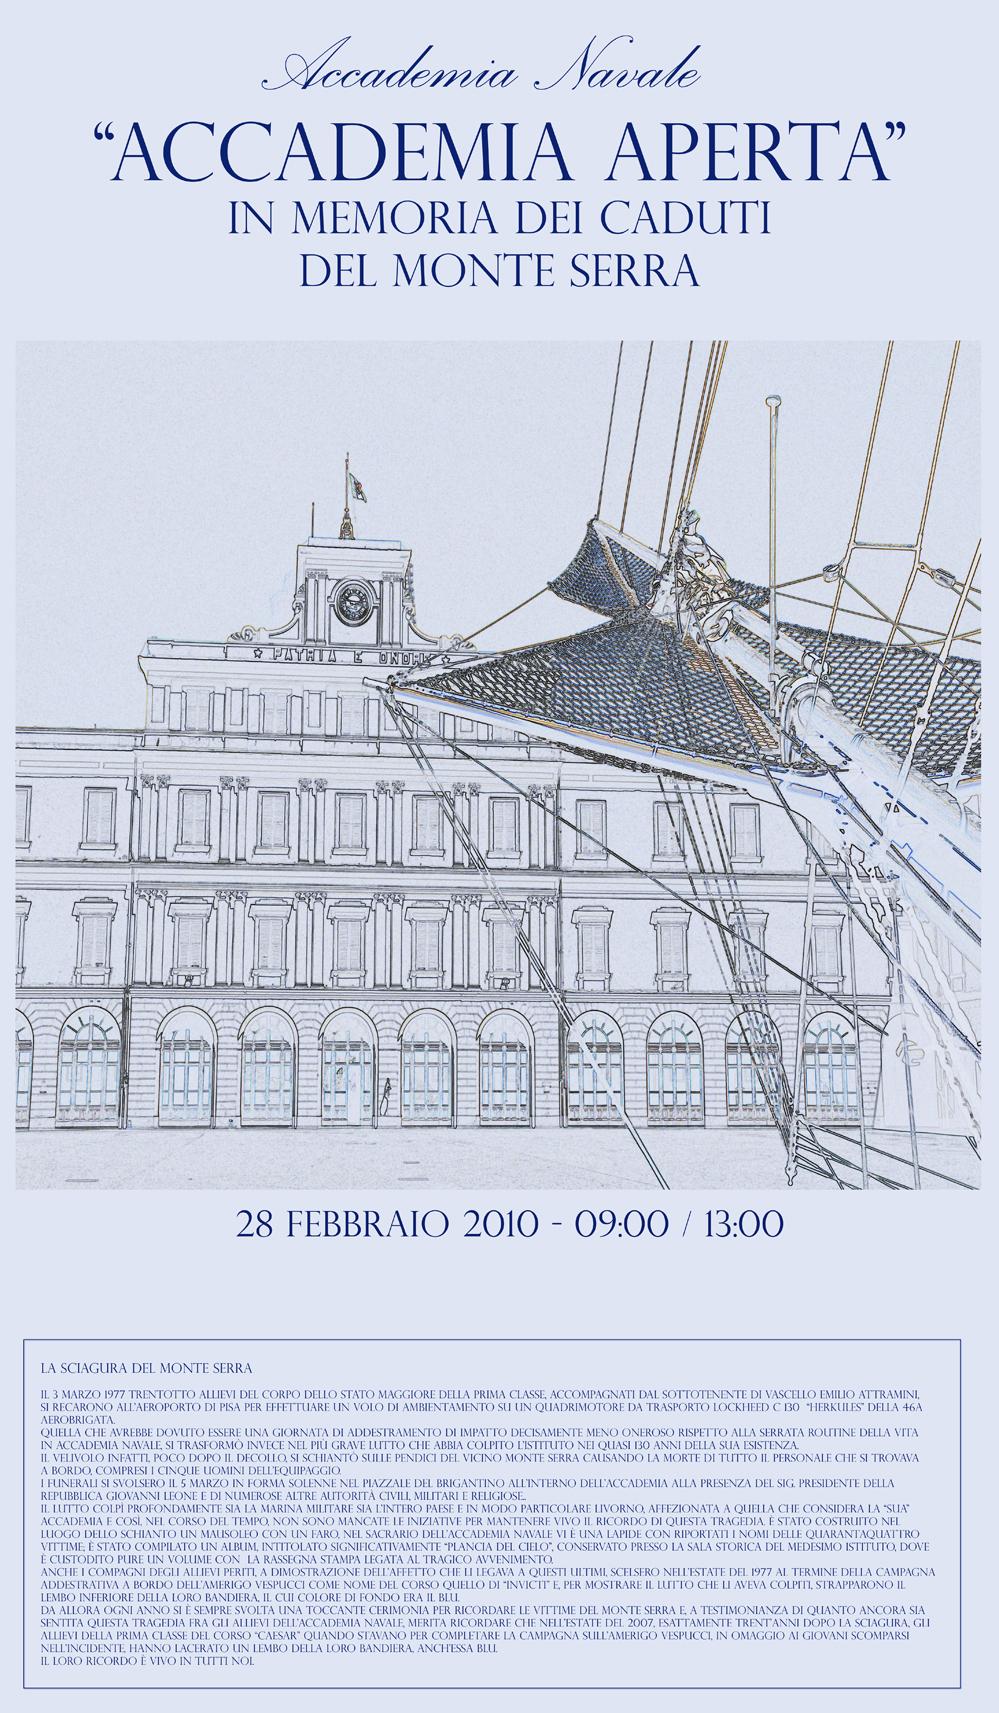 You are browsing images from the article: Accademia aperta 28.02.10 in memoria dei caduti del Monte Serra